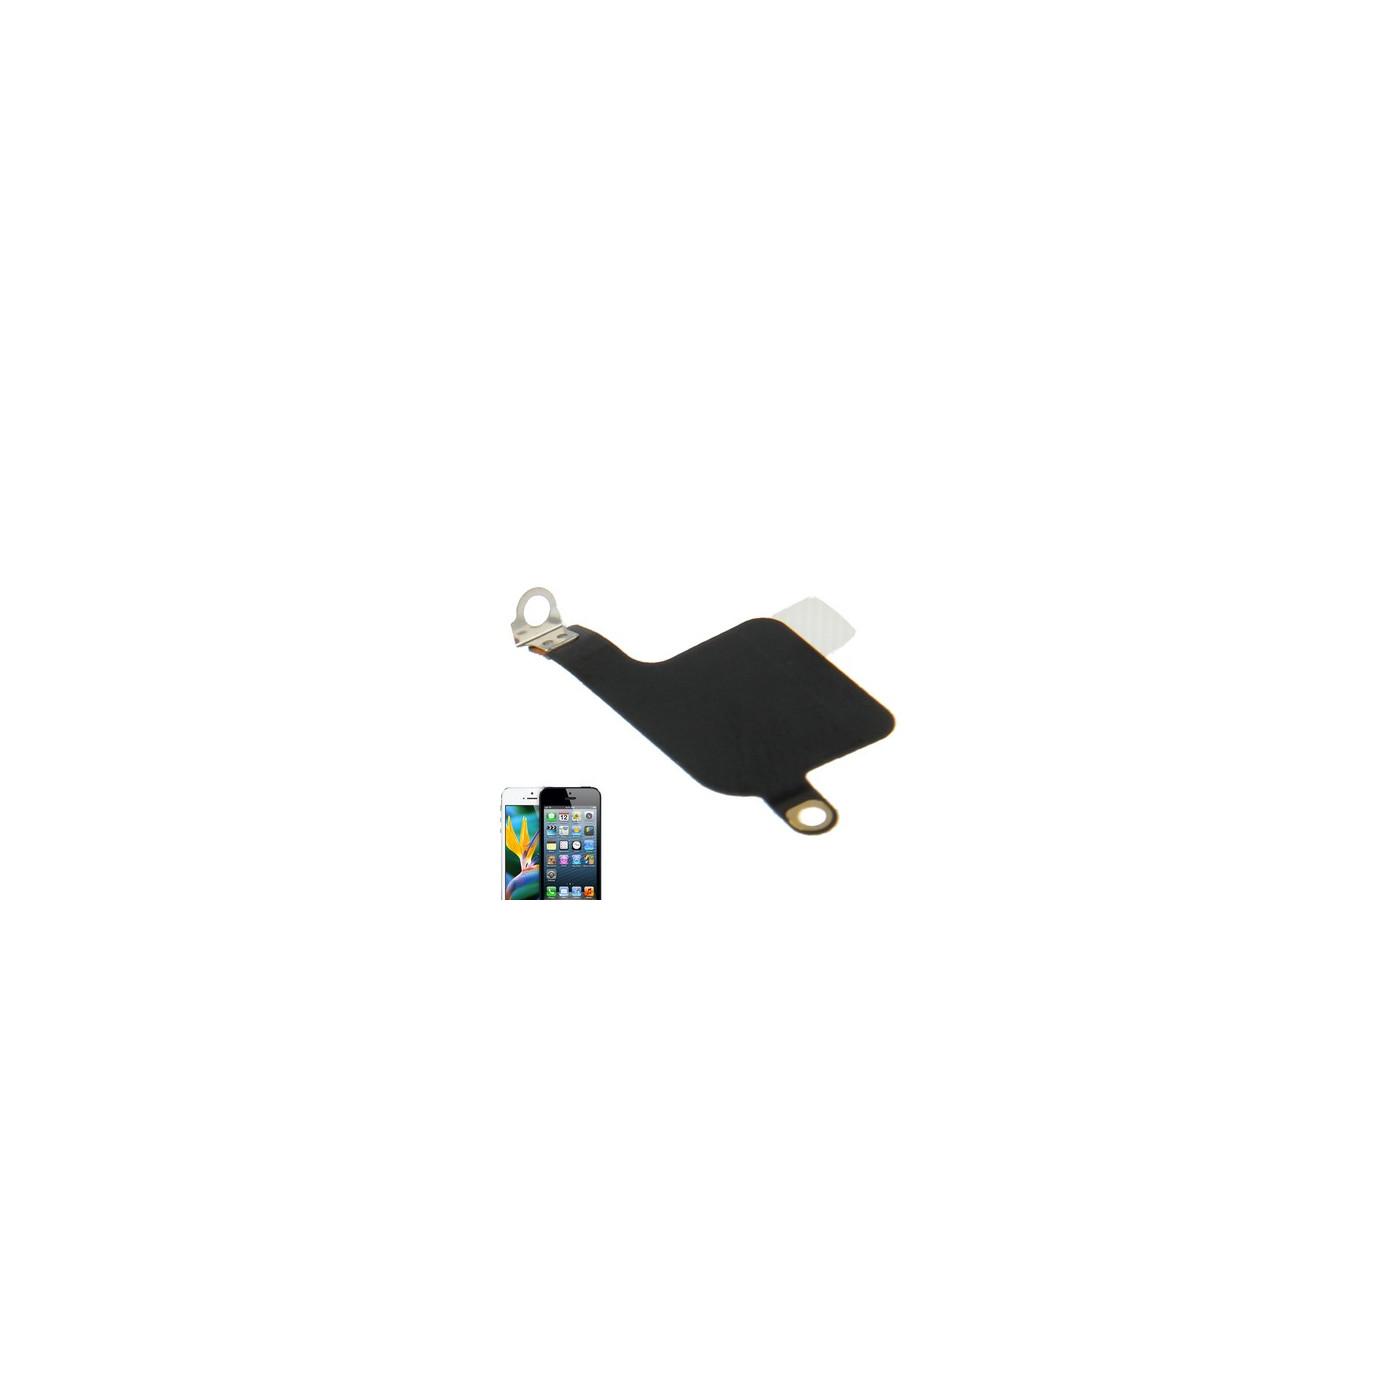 flaches GSM-Signal für iPhone 5 Modul 3G Netz 4G Antennenflex-Linie Telefon